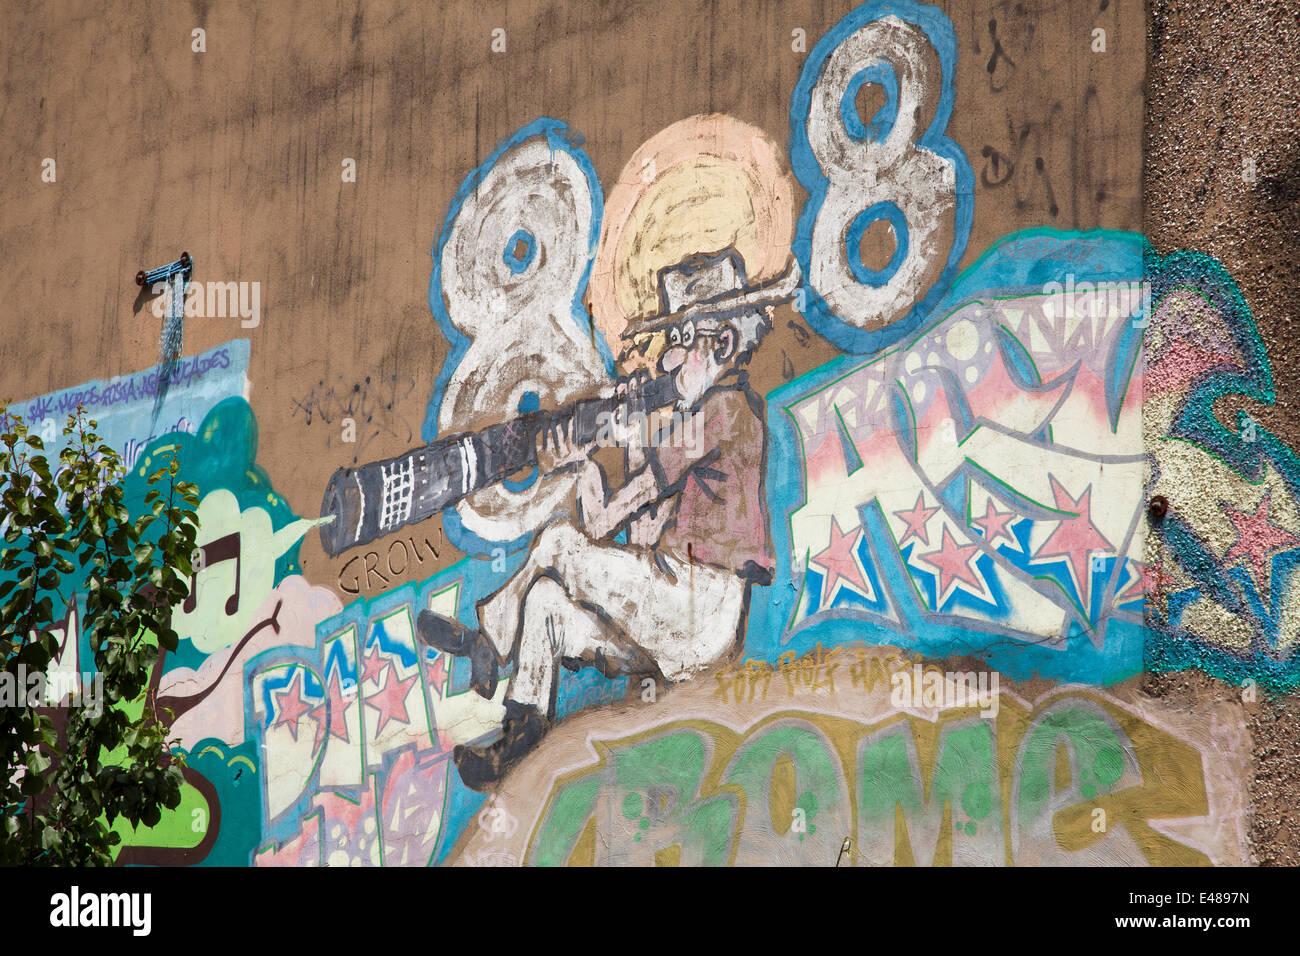 Shoreham Street, Sheffield, UK 5. Juli 2014. Ein Wandbild von Rolf Harris auf dem Sheffield Archiv-Gebäude soll überlackiert werden nach der Entertainer und Künstler wurde für 5 Jahre und 9 Monate für unzüchtige Handlungen gefangengesetzt. Rolf Harris malte das Selbstporträt in den 1990er Jahren auf dem Gebäude im Stadtzentrum von Sheffeild. Bildnachweis: Mark Richardson/Alamy Live-Nachrichten Stockfoto